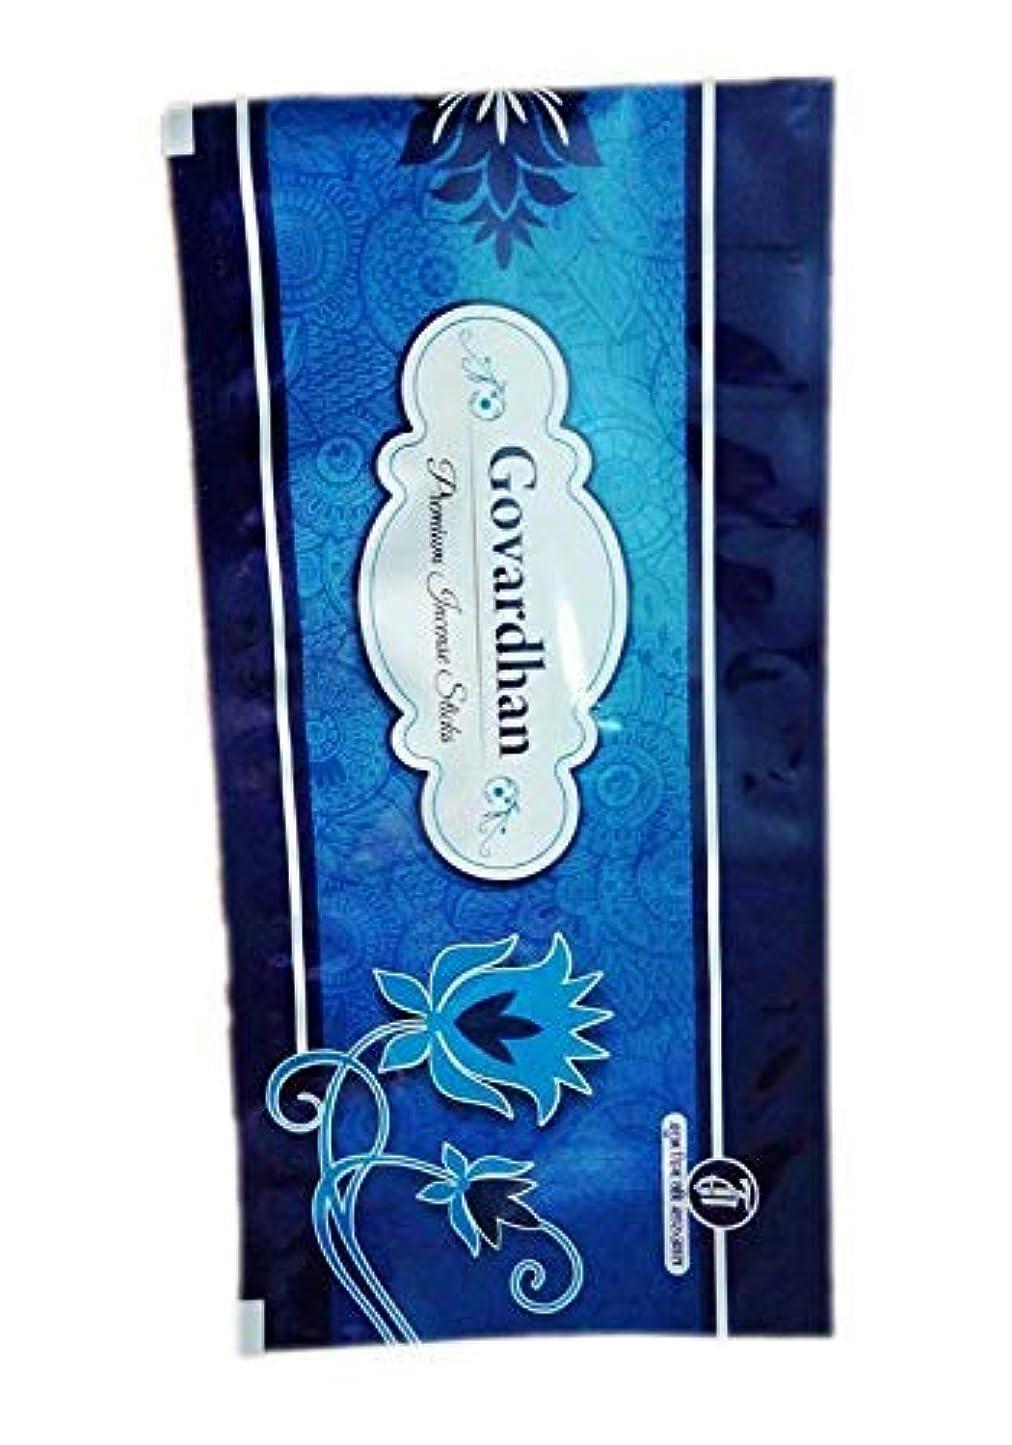 医薬品ハンマー無駄だTIRTH Govardhan Premium Incense Stick/Agarbatti (25 GM Pack) Pack of 12